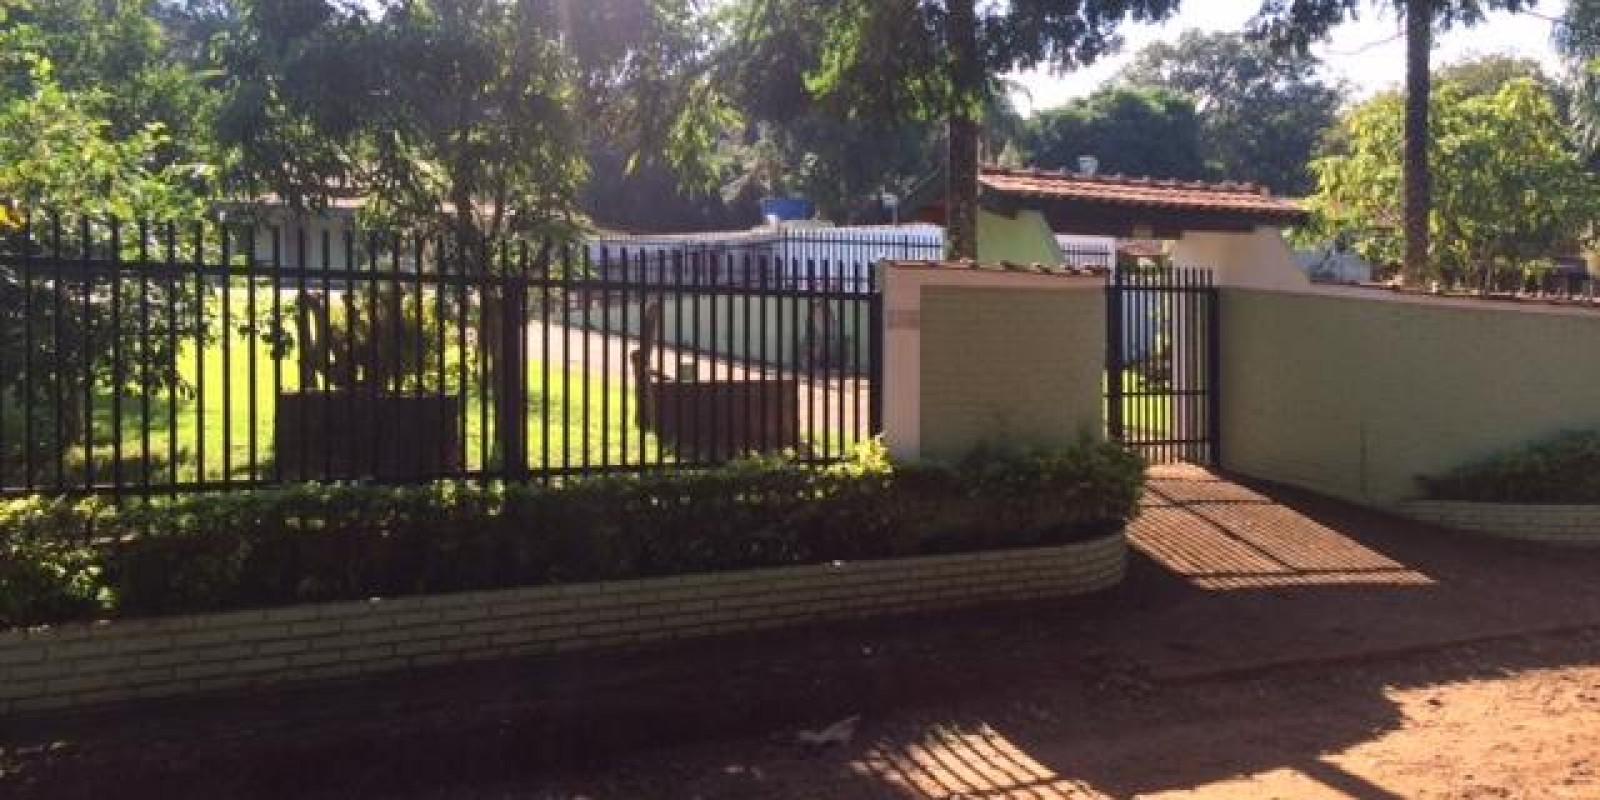 Casa MOBILIADA na Represa no Portal do Catavento em Arandu SP - Foto 14 de 26